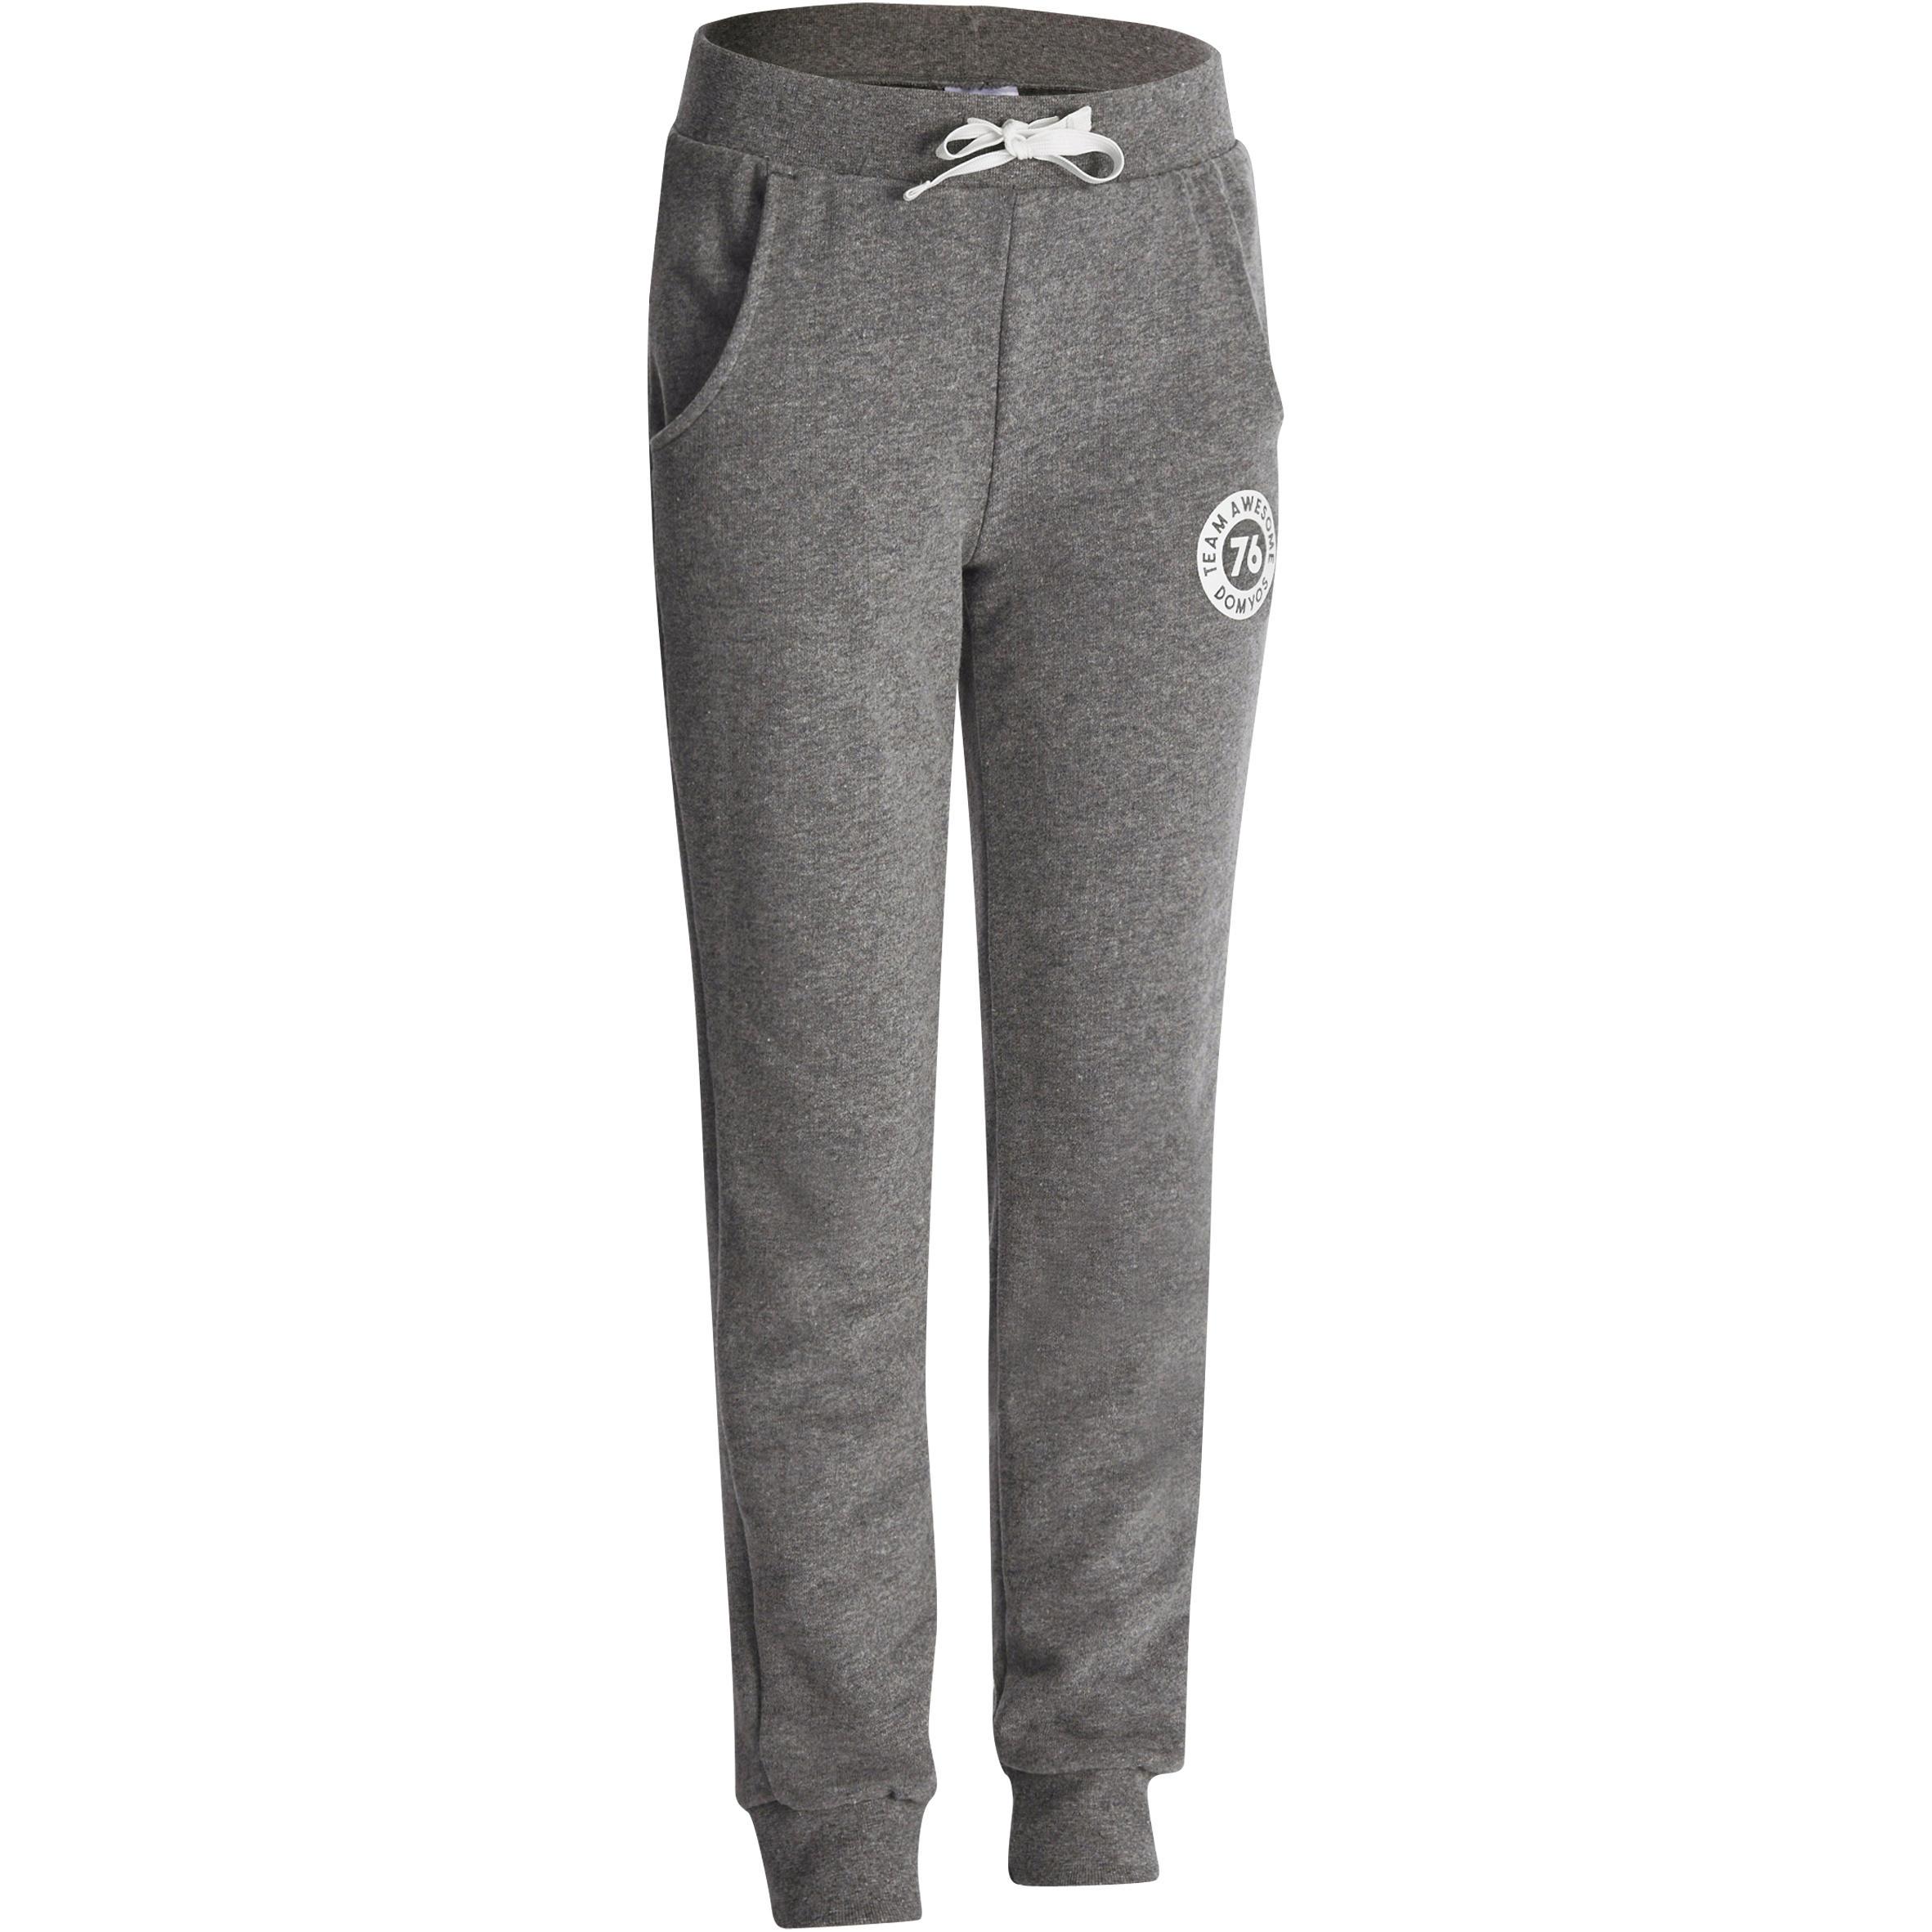 Pantalón recto de felpa fitness niña gris